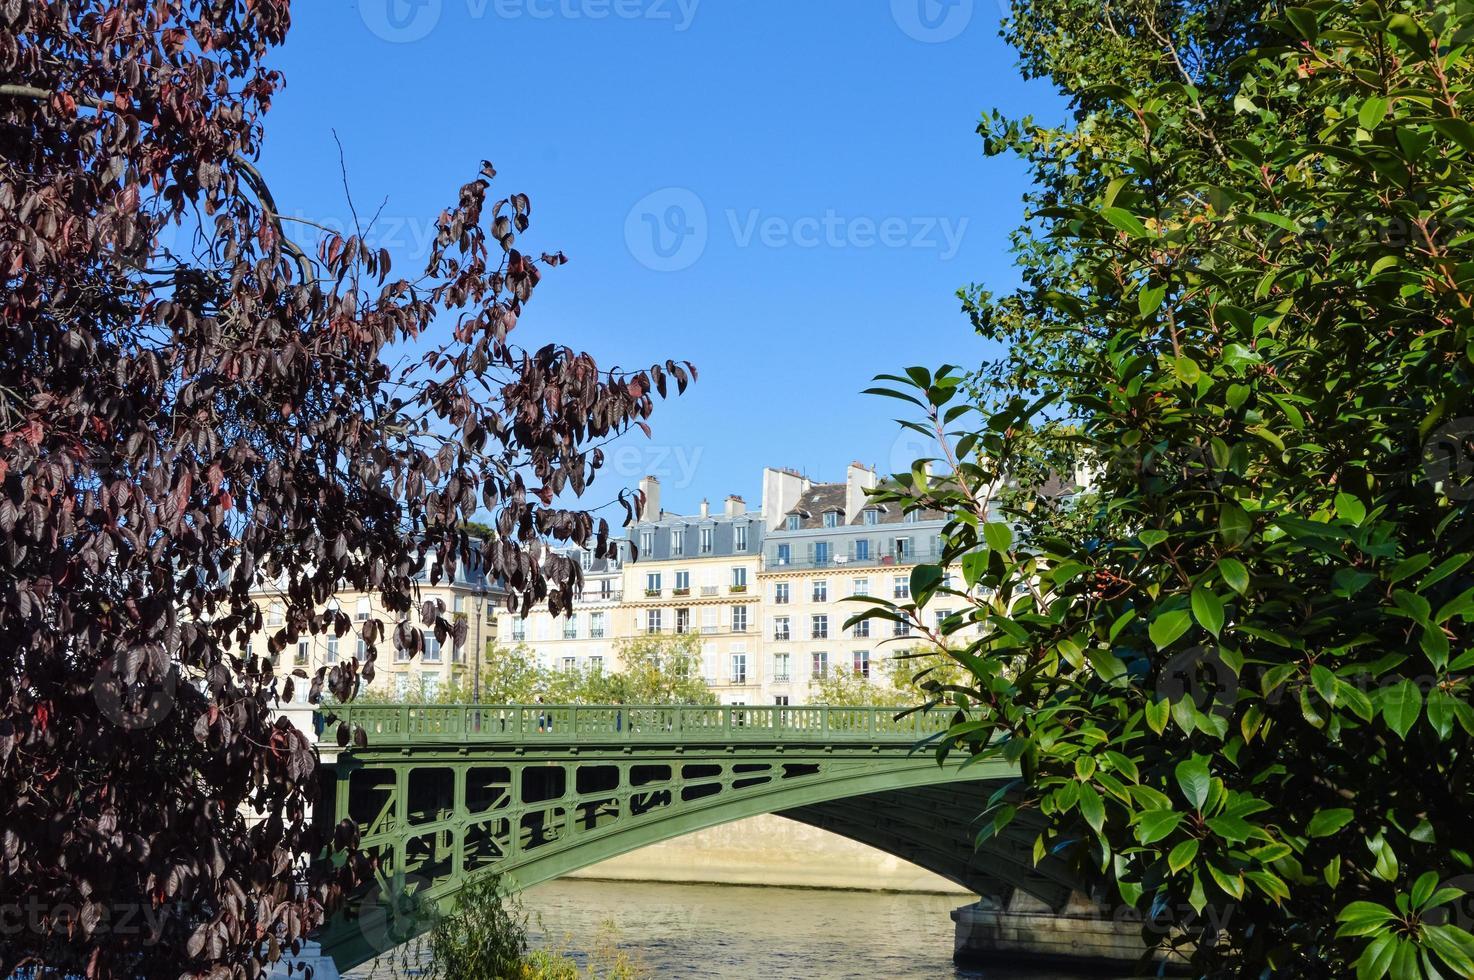 fiume siene a parigi con barche doacking foto